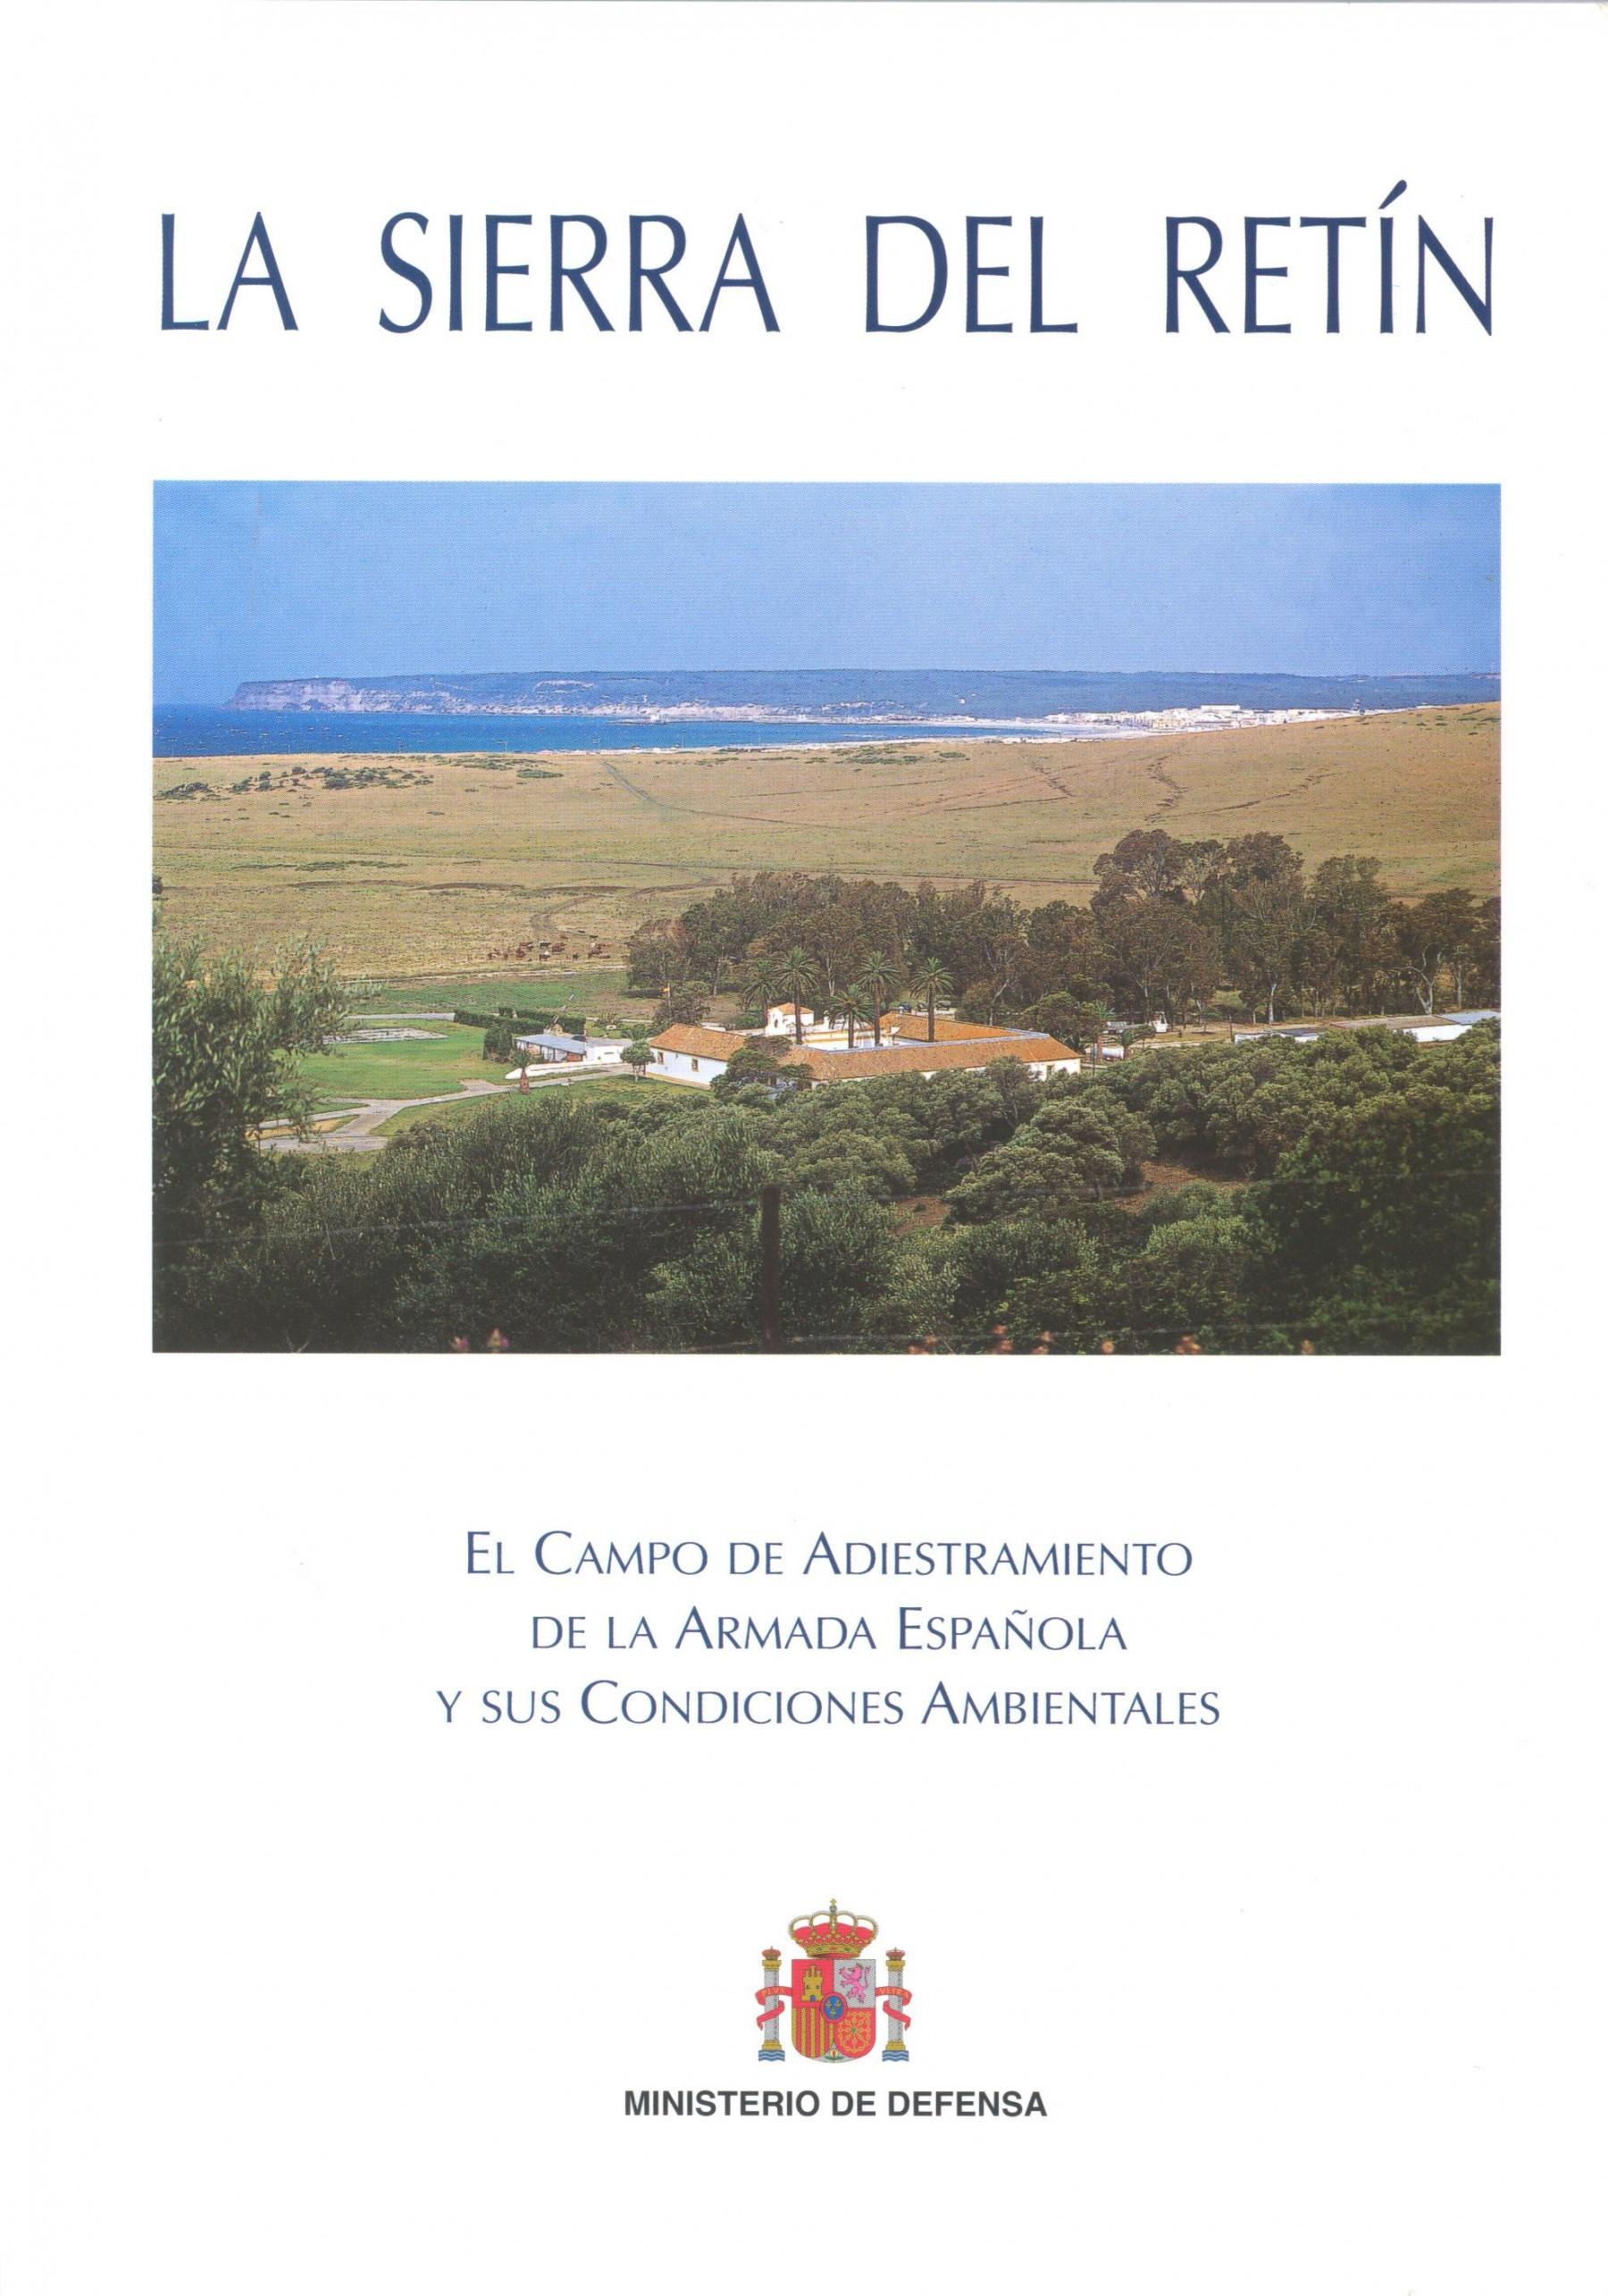 SIERRA DEL RETÍN: EL CAMPO DE ADIESTRAMIENTO DE LA ARMADA ESPAÑOLA Y SUS CONDICIONES AMBIENTALES, LA